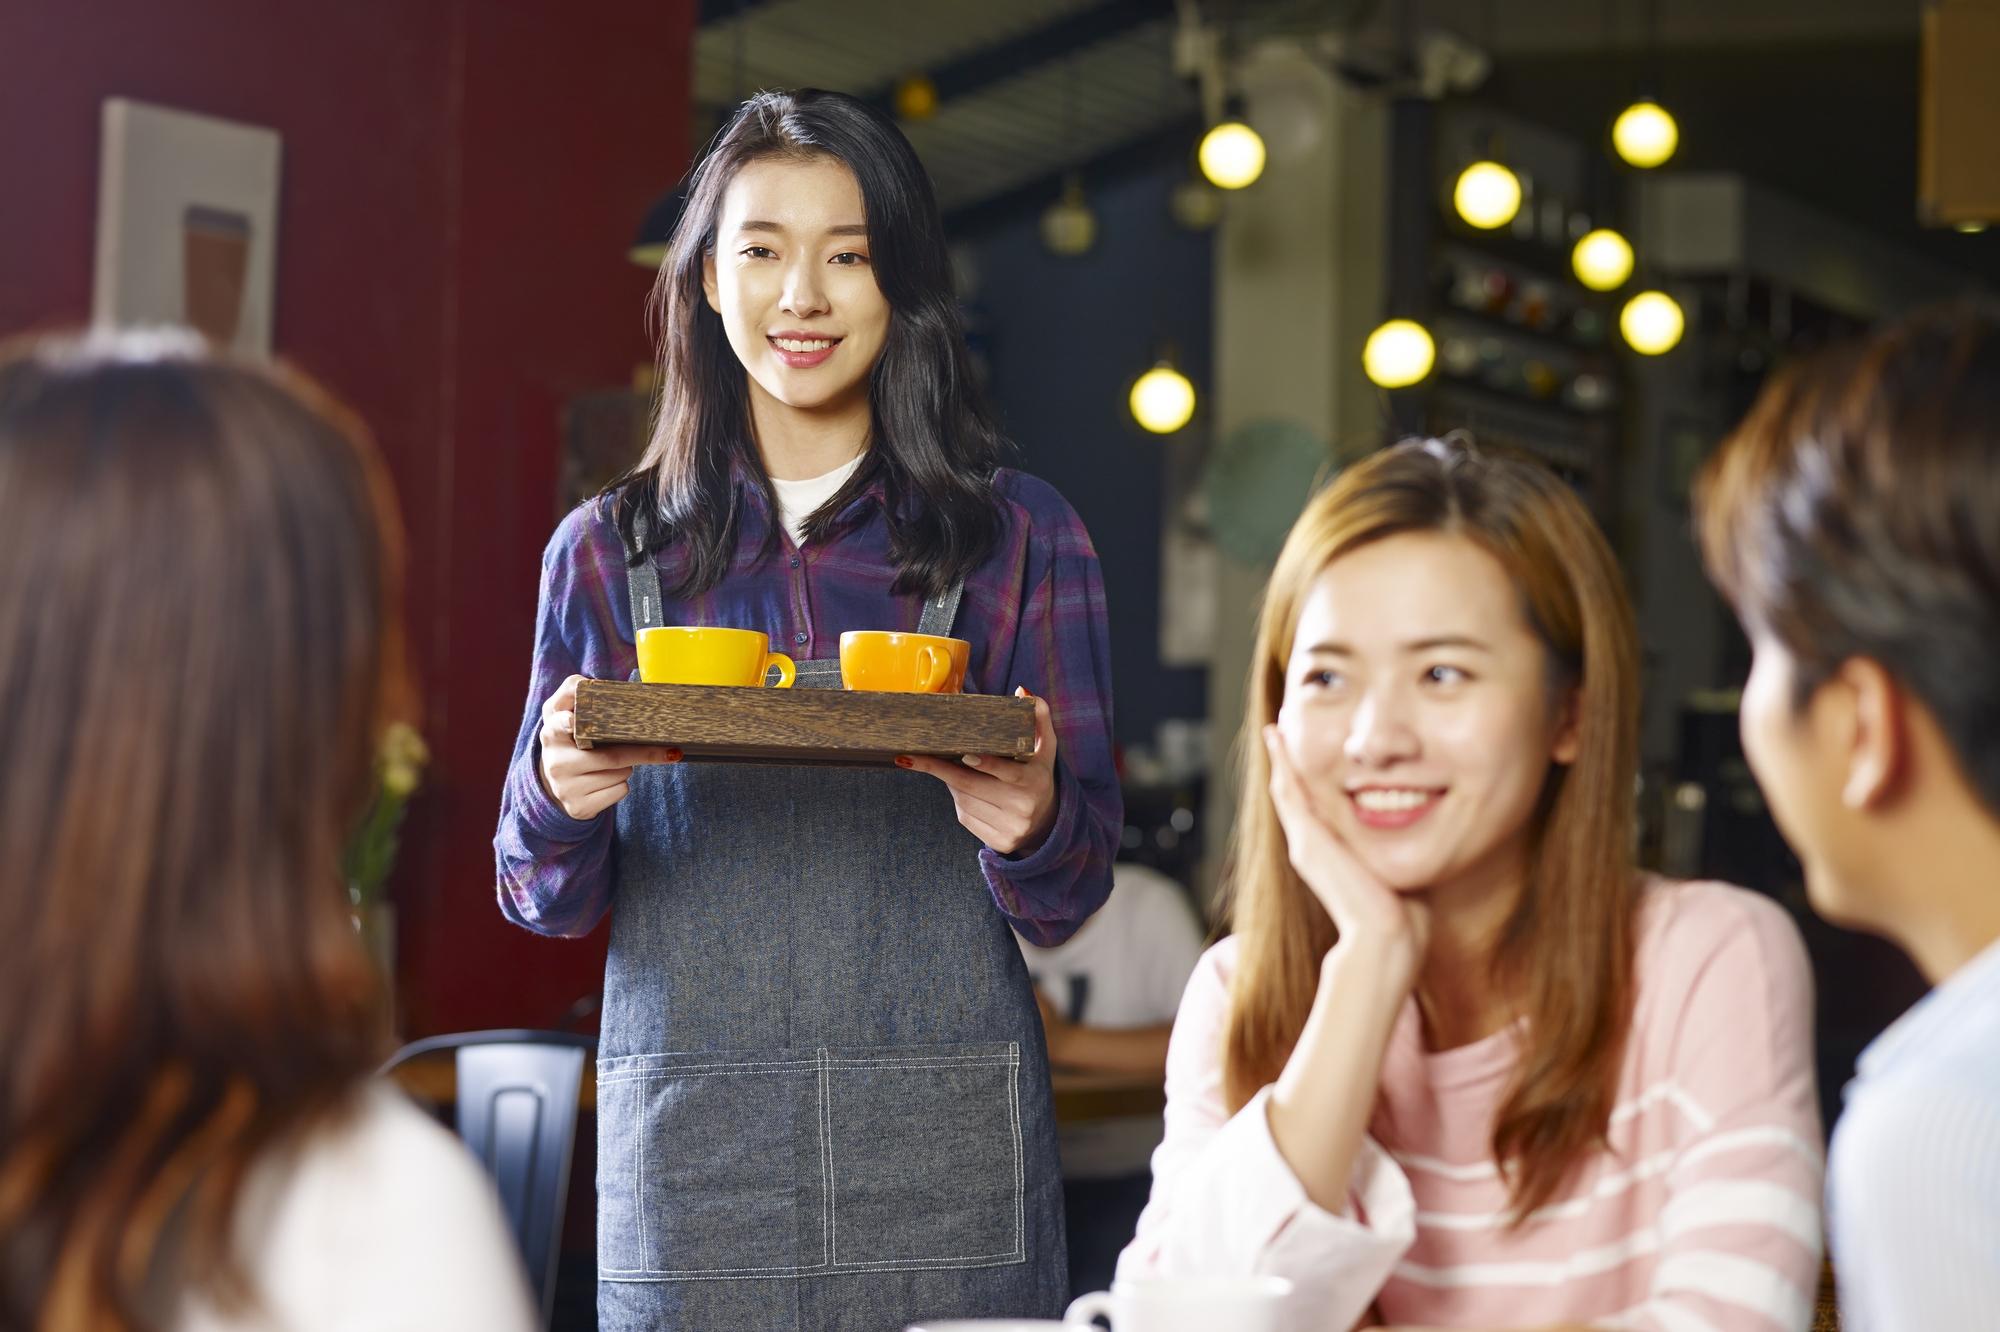 การศึกษาต่างประเทศ งานพาร์ทไทม์ นักเรียนไต้หวัน เรียนต่อไต้หวัน ไต้หวัน